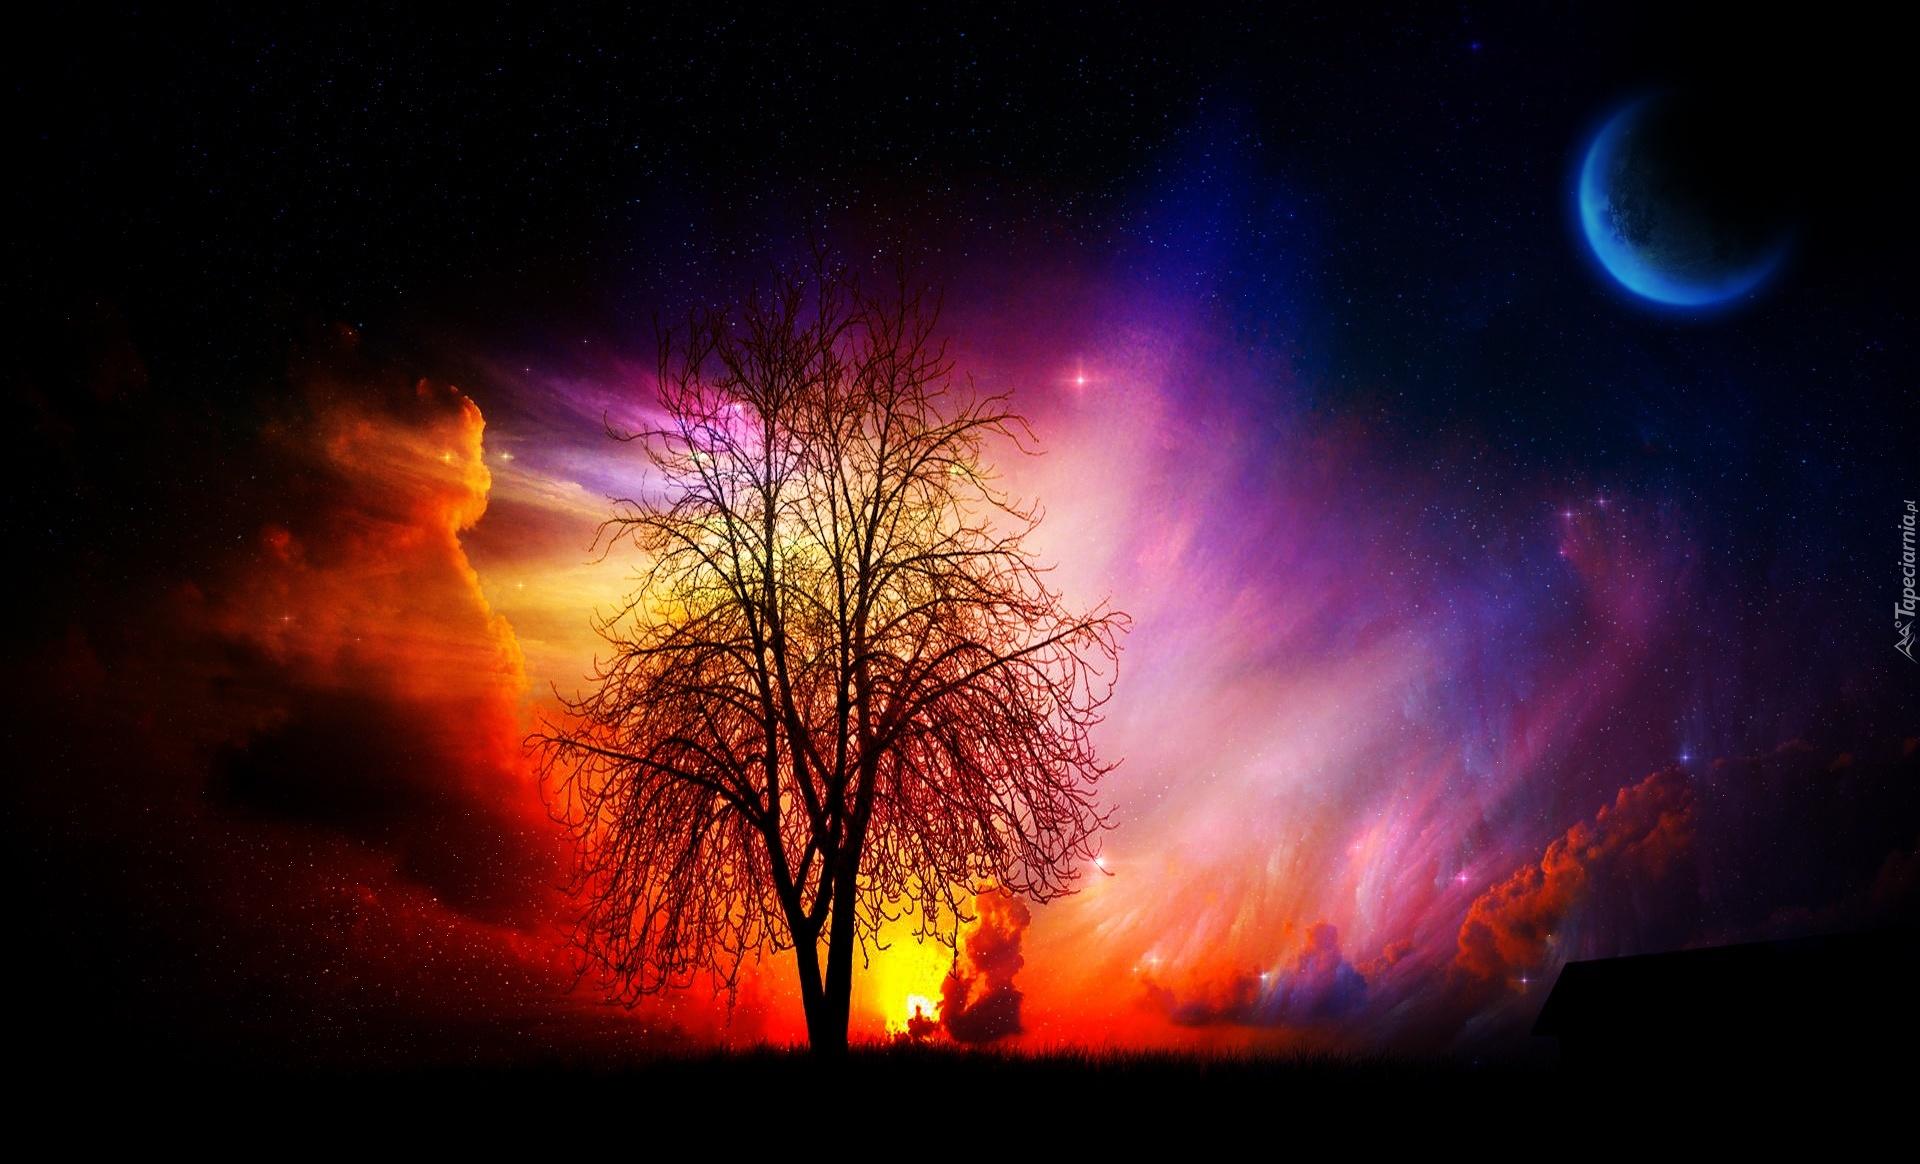 Drzewo, Kolorowe, Chmury, Planeta